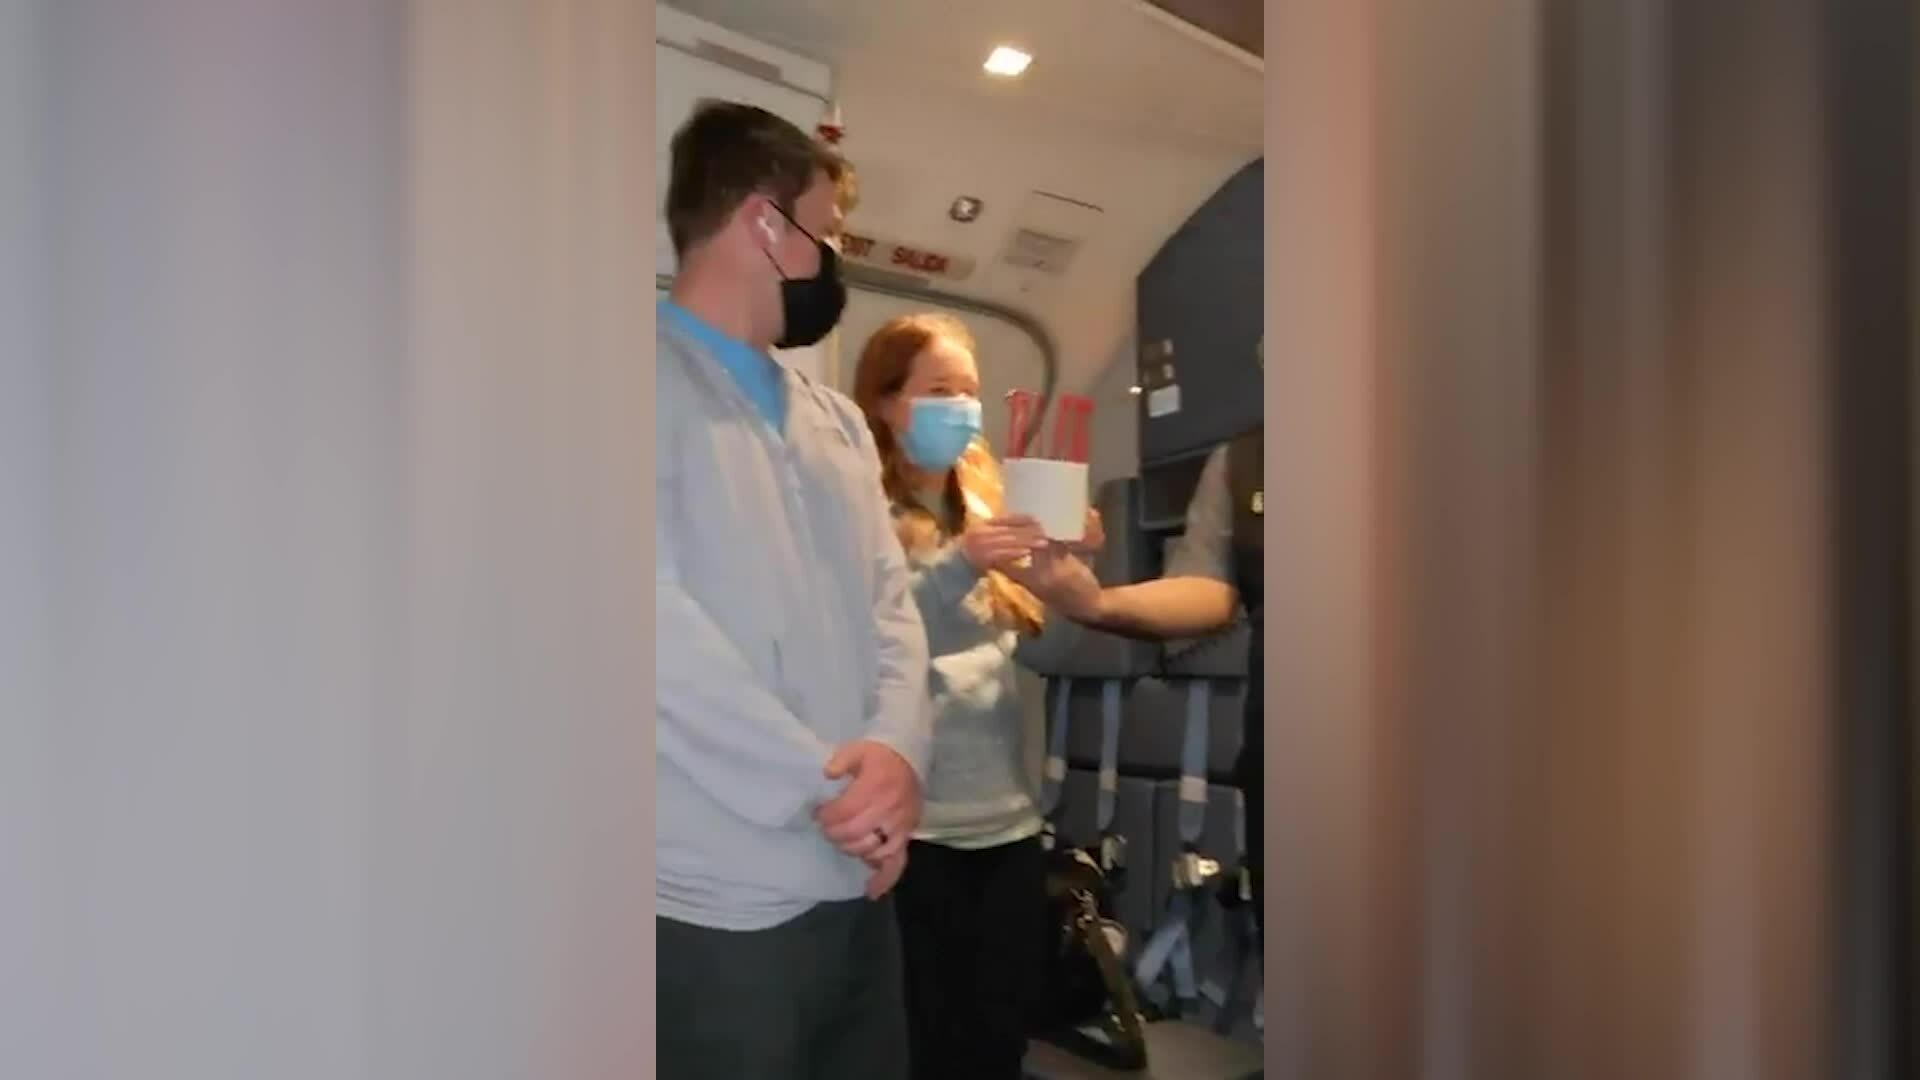 Bị hoãn chuyến bay, cặp đôi được tặng 'giấy vệ sinh'